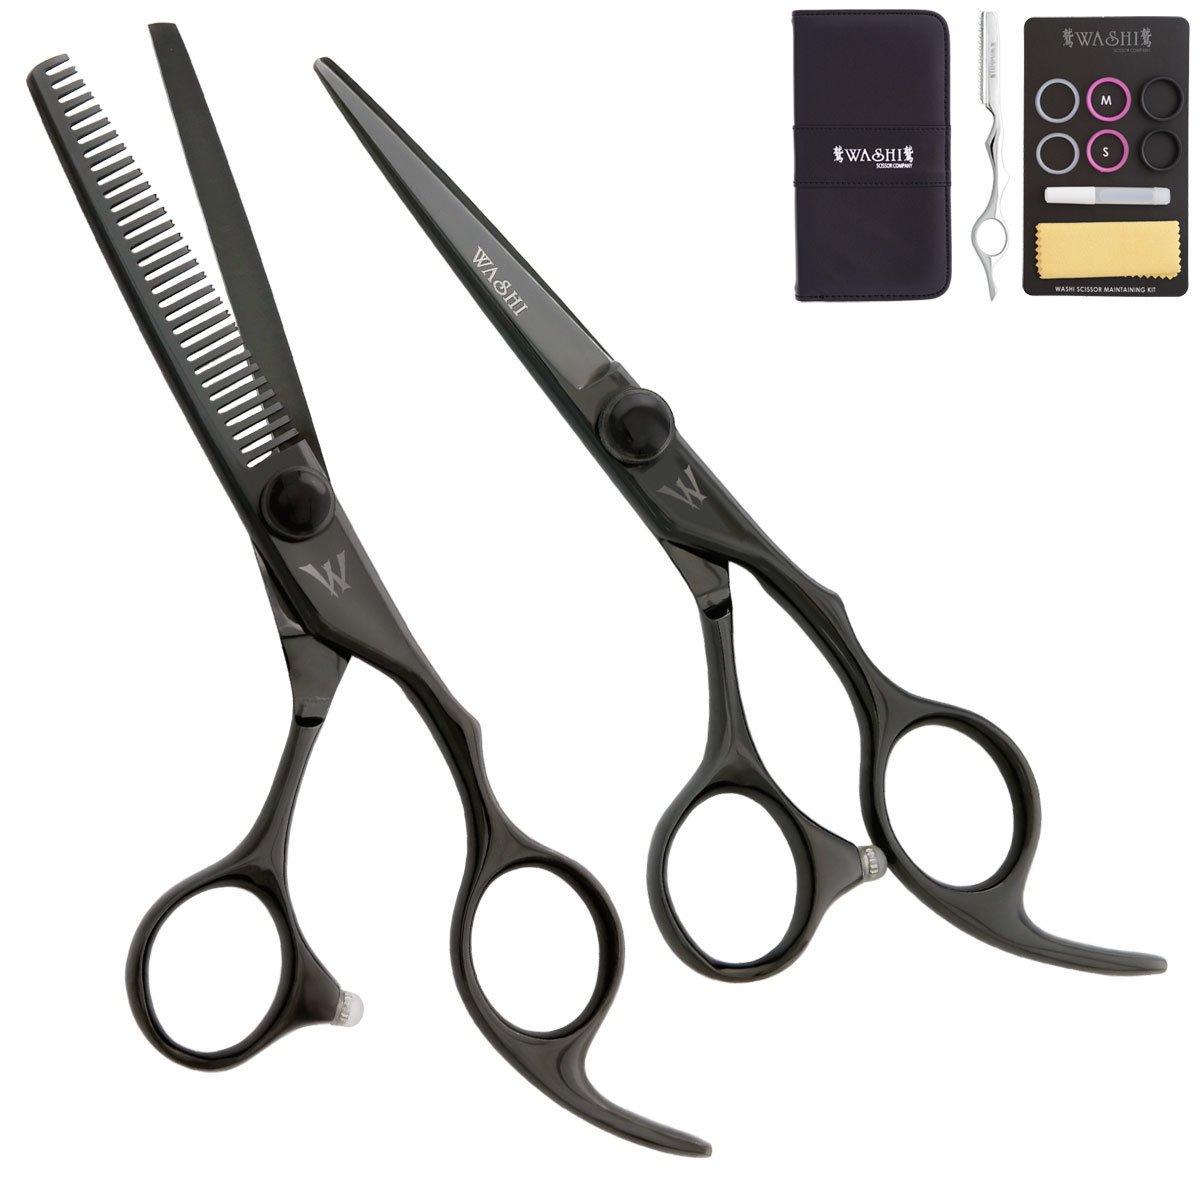 Washi shear thinner Black Dragon Set with free scissor brooch 5.5 inch to 7.0 inch